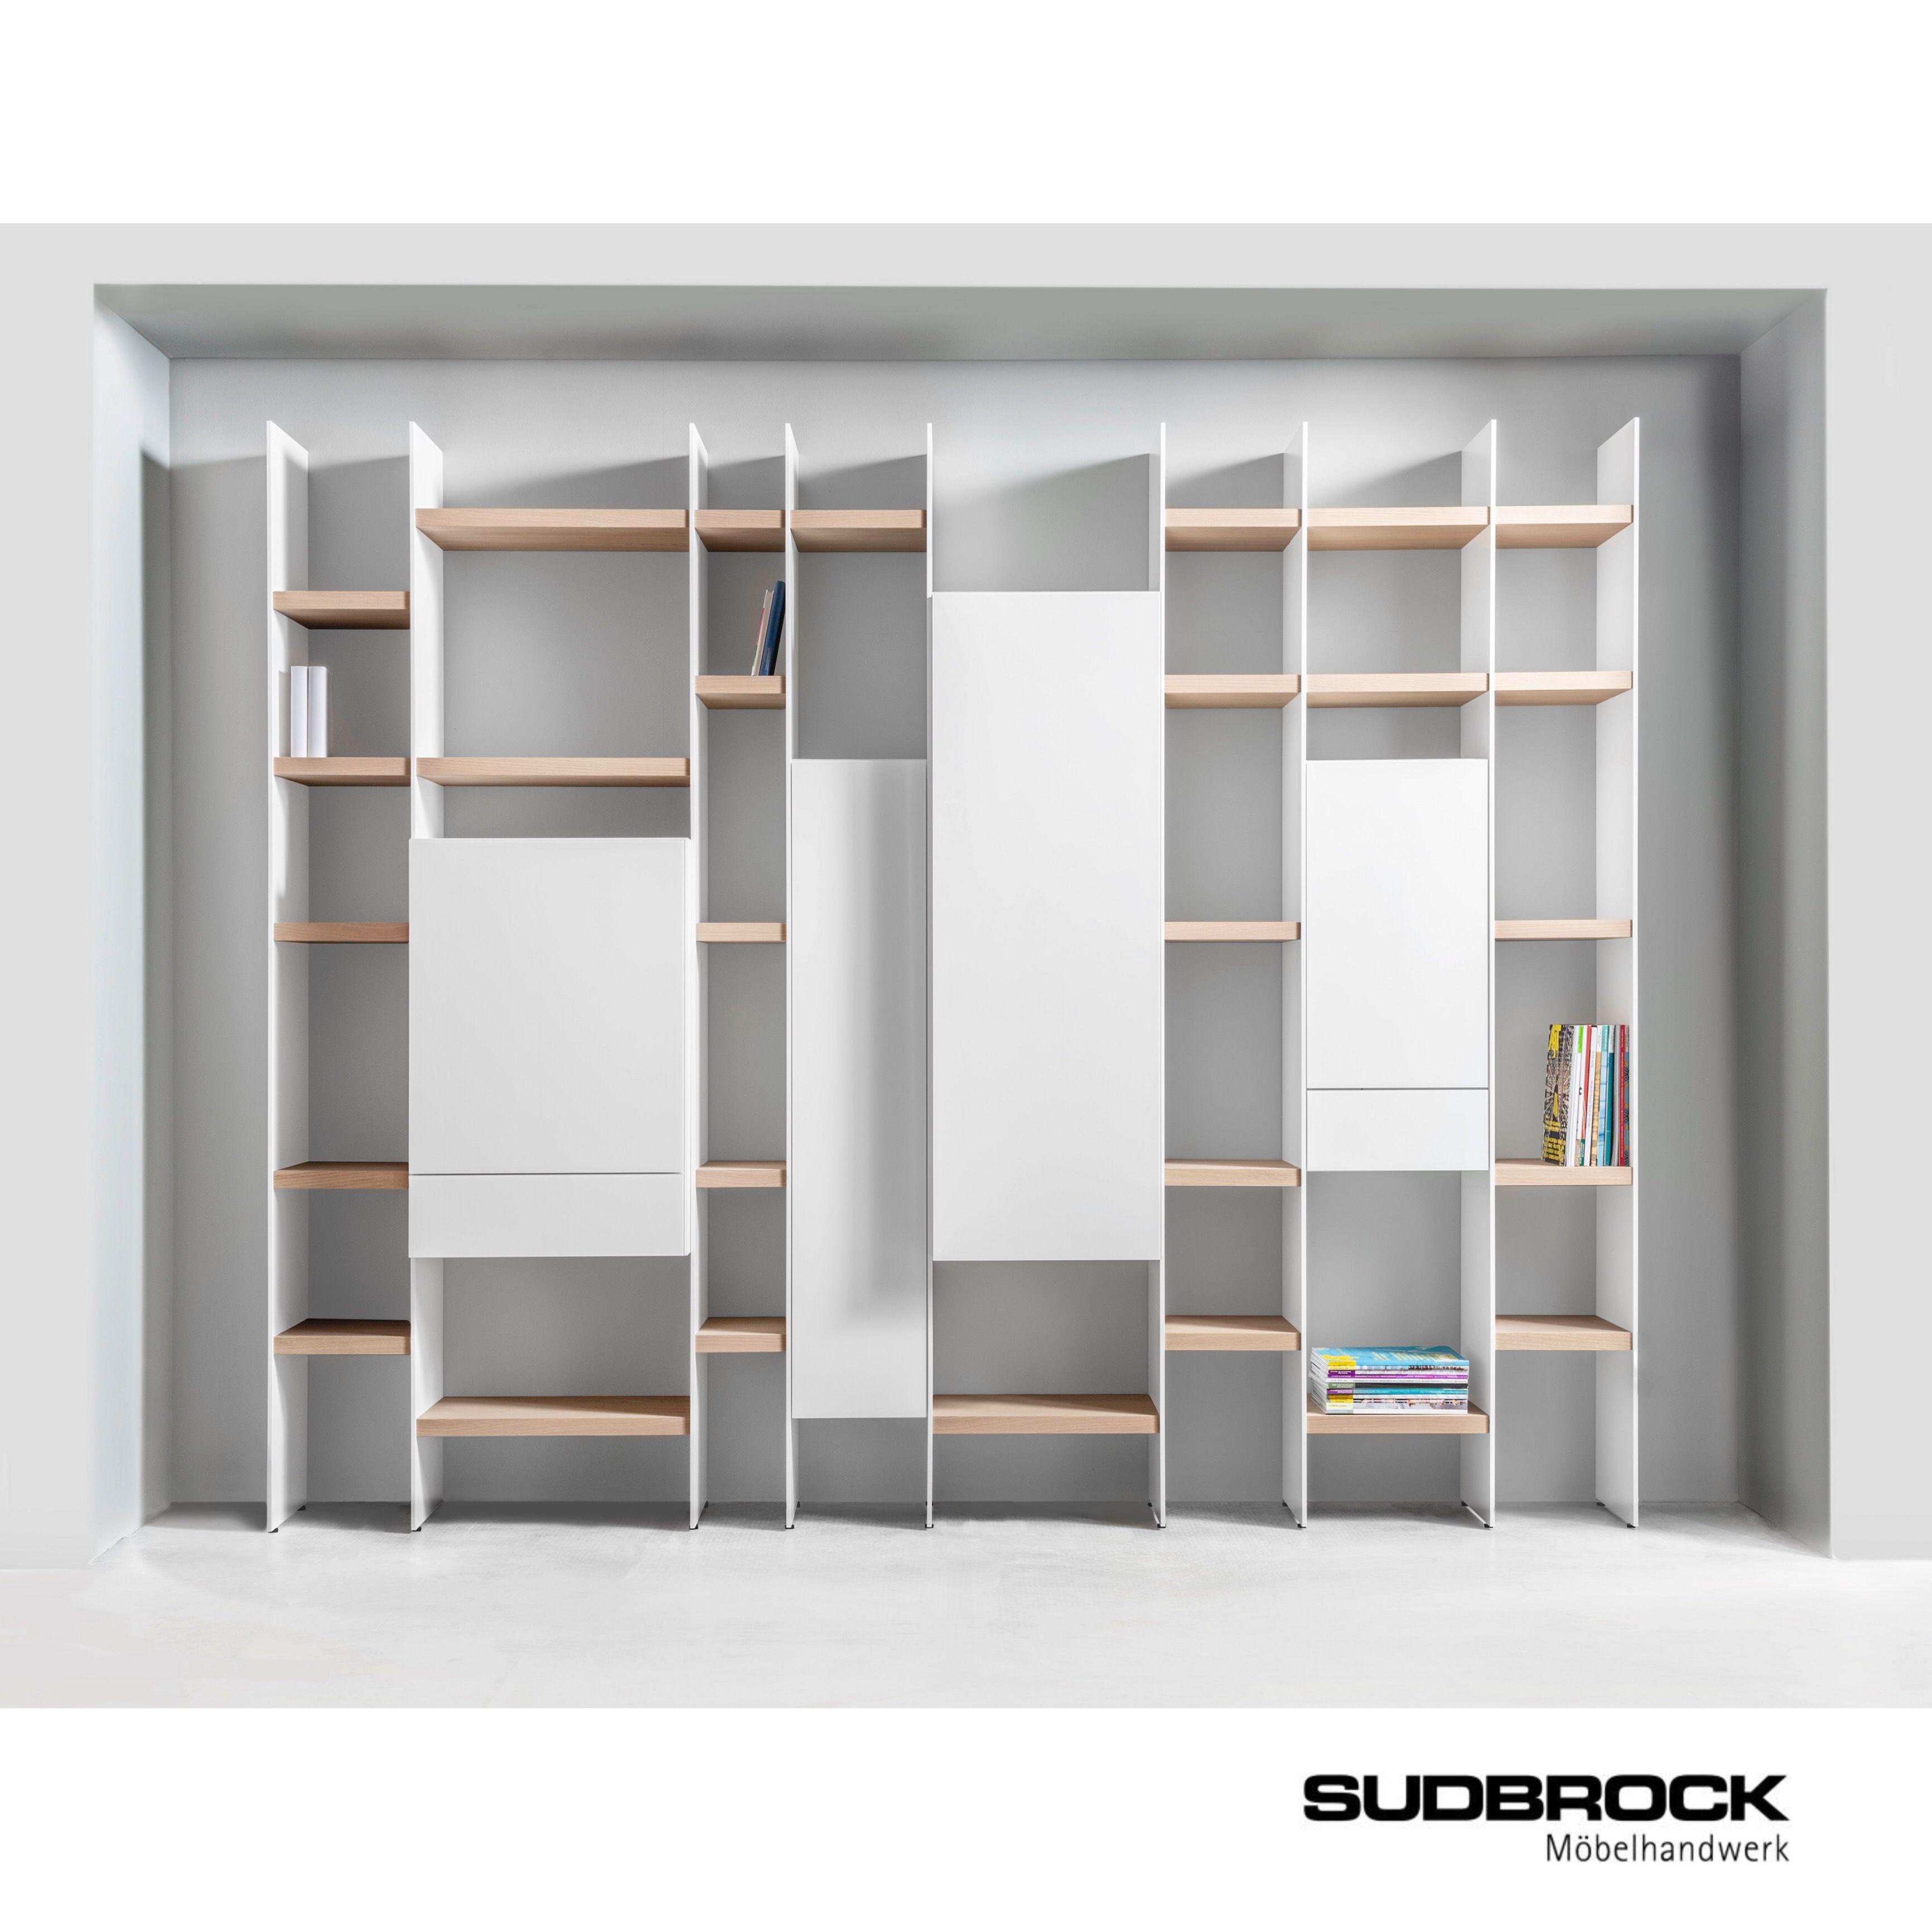 Wohnzimmer Regal Scala Von Sudbrock Möbel Bücherregal